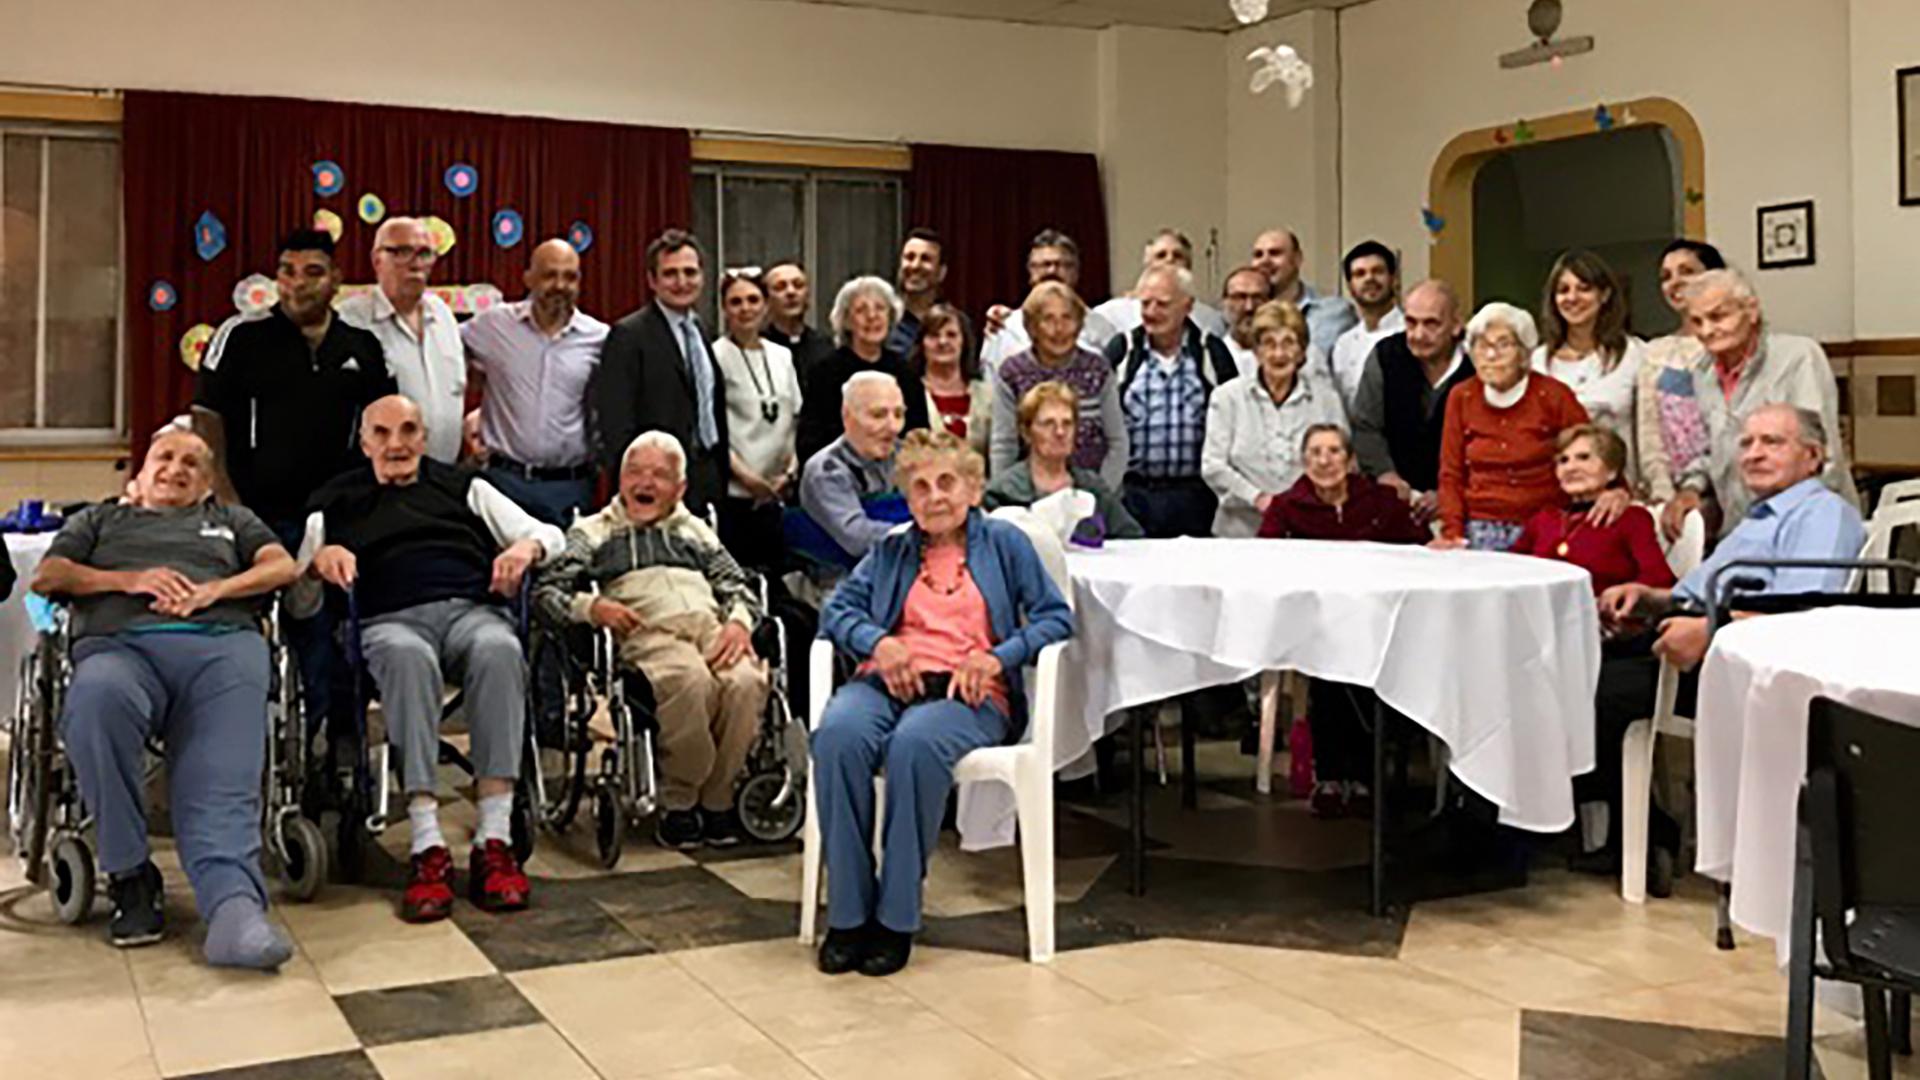 Hogar Don Guanella aloja a más de 40 personas mayores de 60 años, con una población italiana